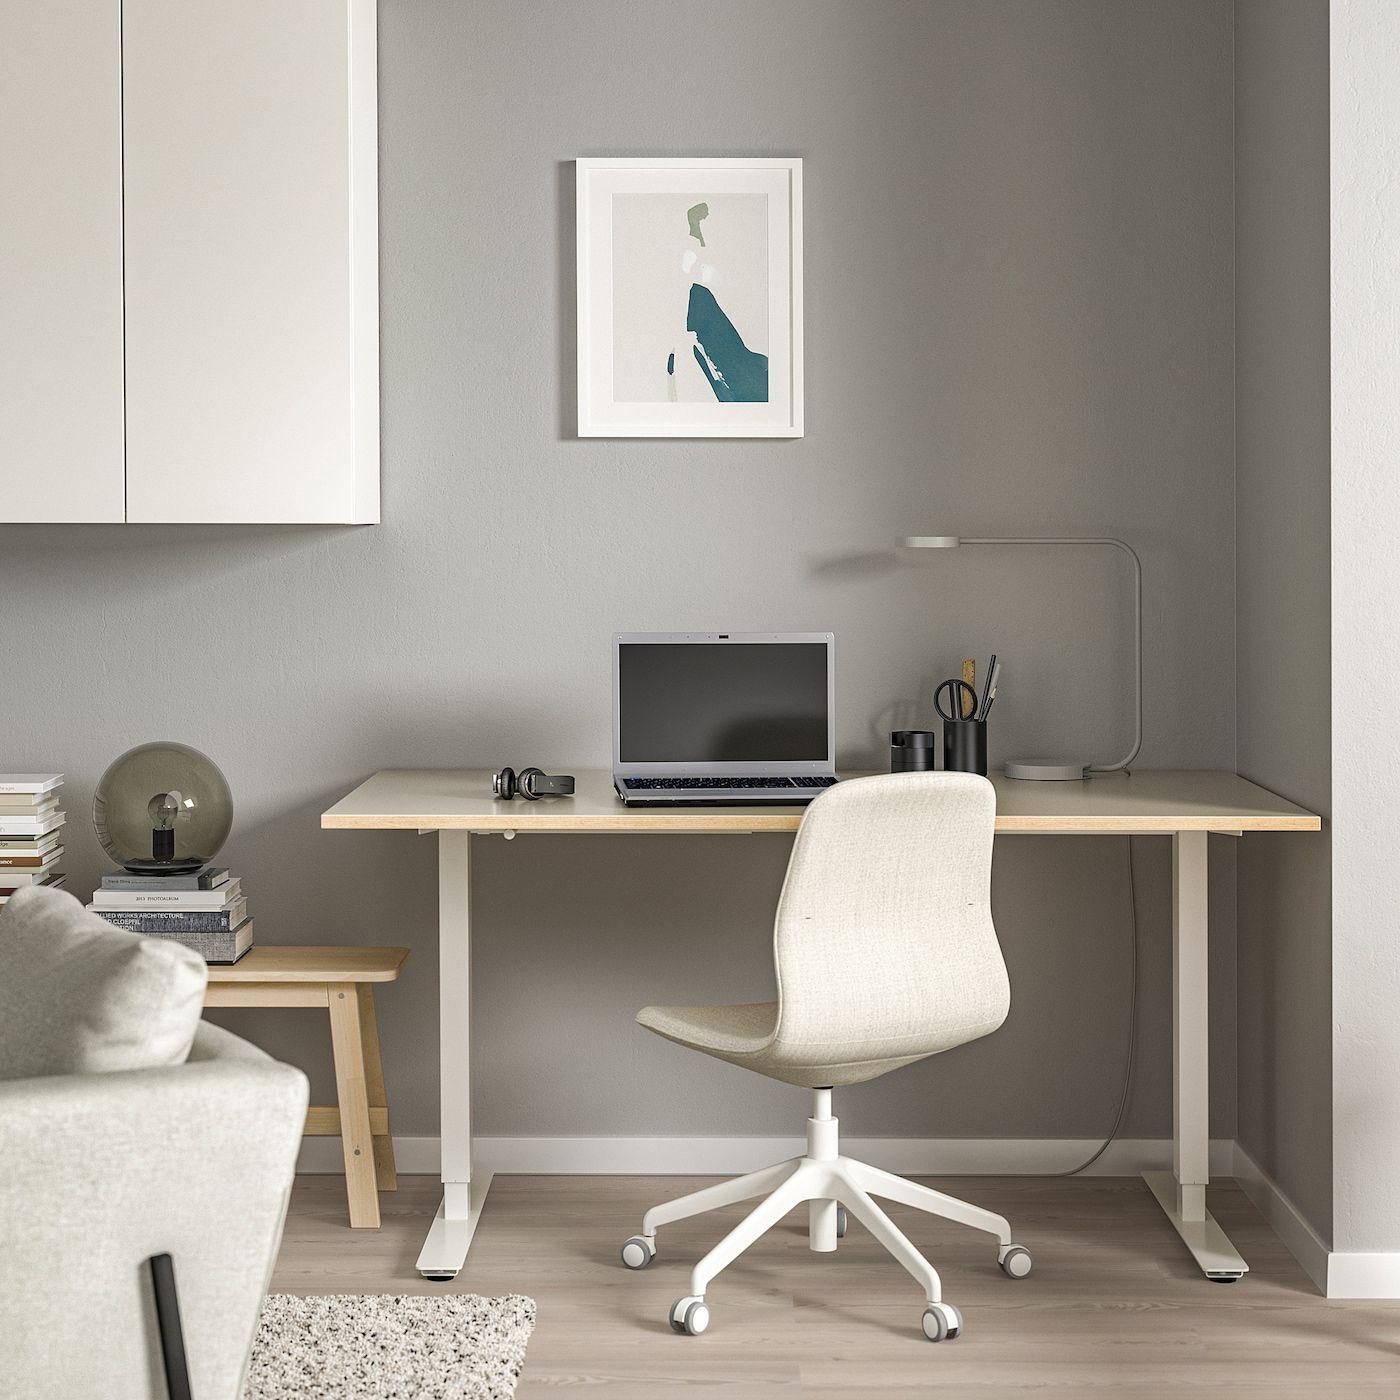 SKARSTA Schreibtisch sitz/steh - beige, weiß - IKEA Österreich in